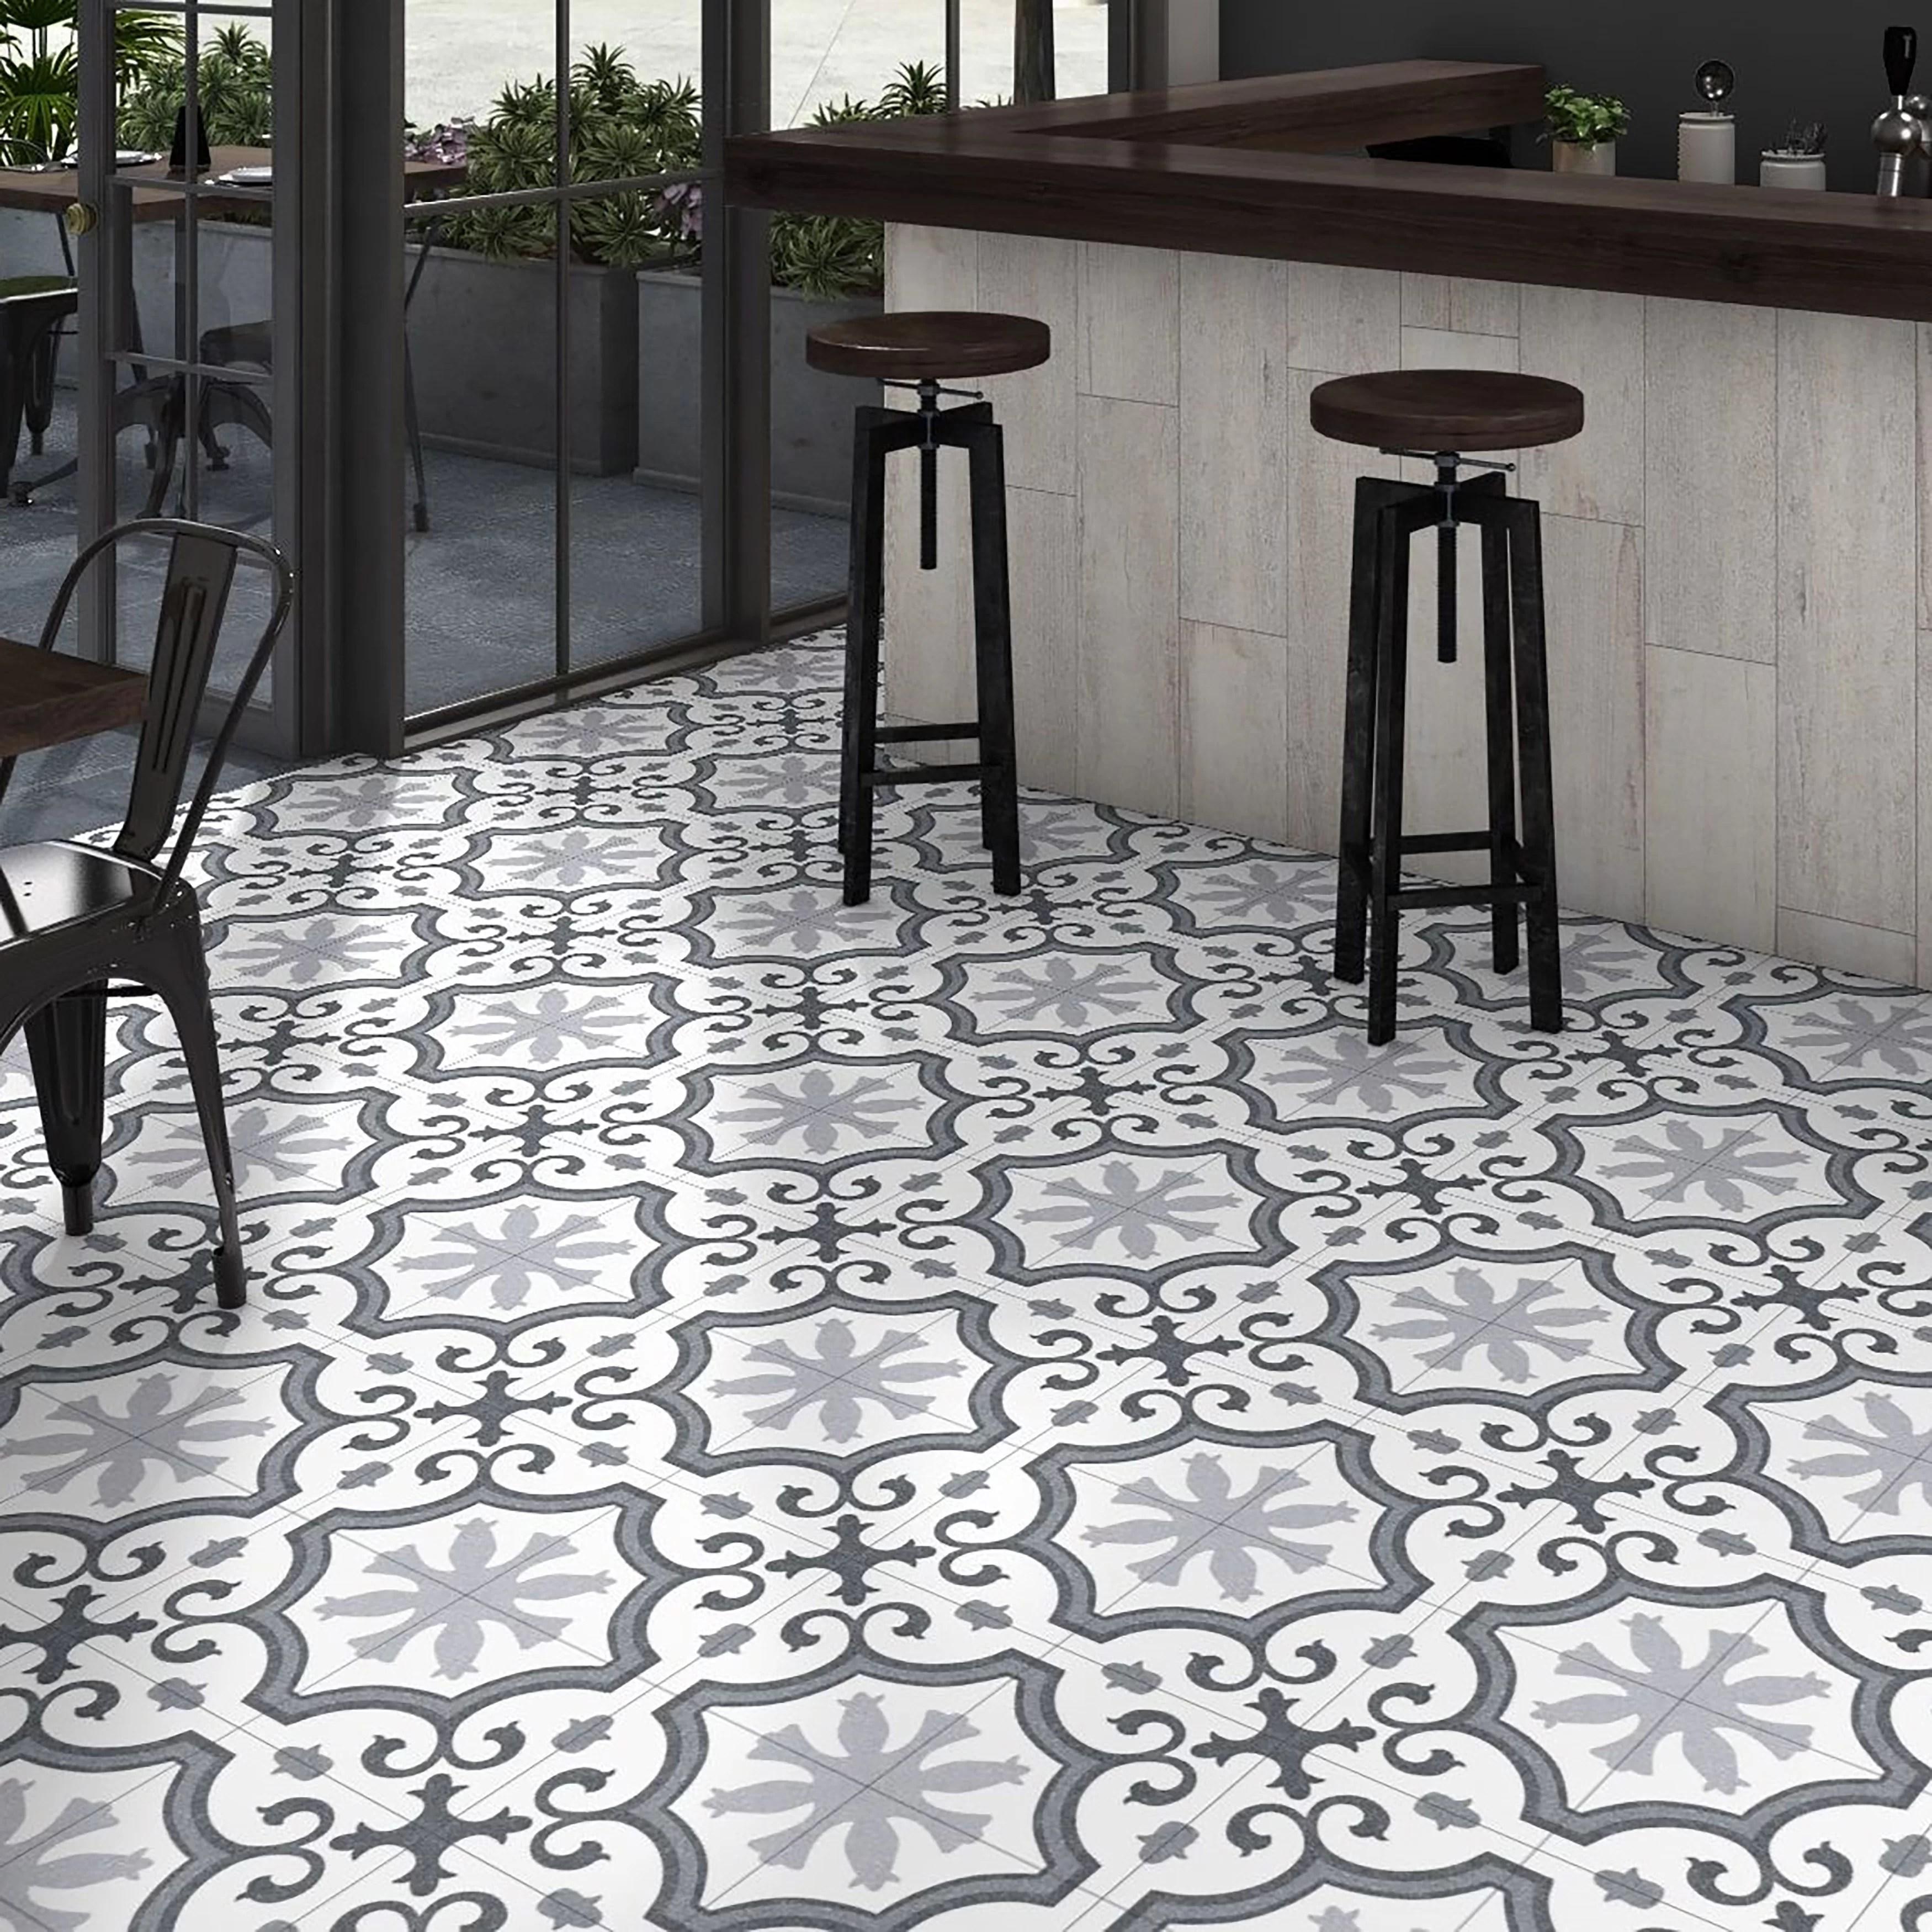 backsplash tile up to 40 off through